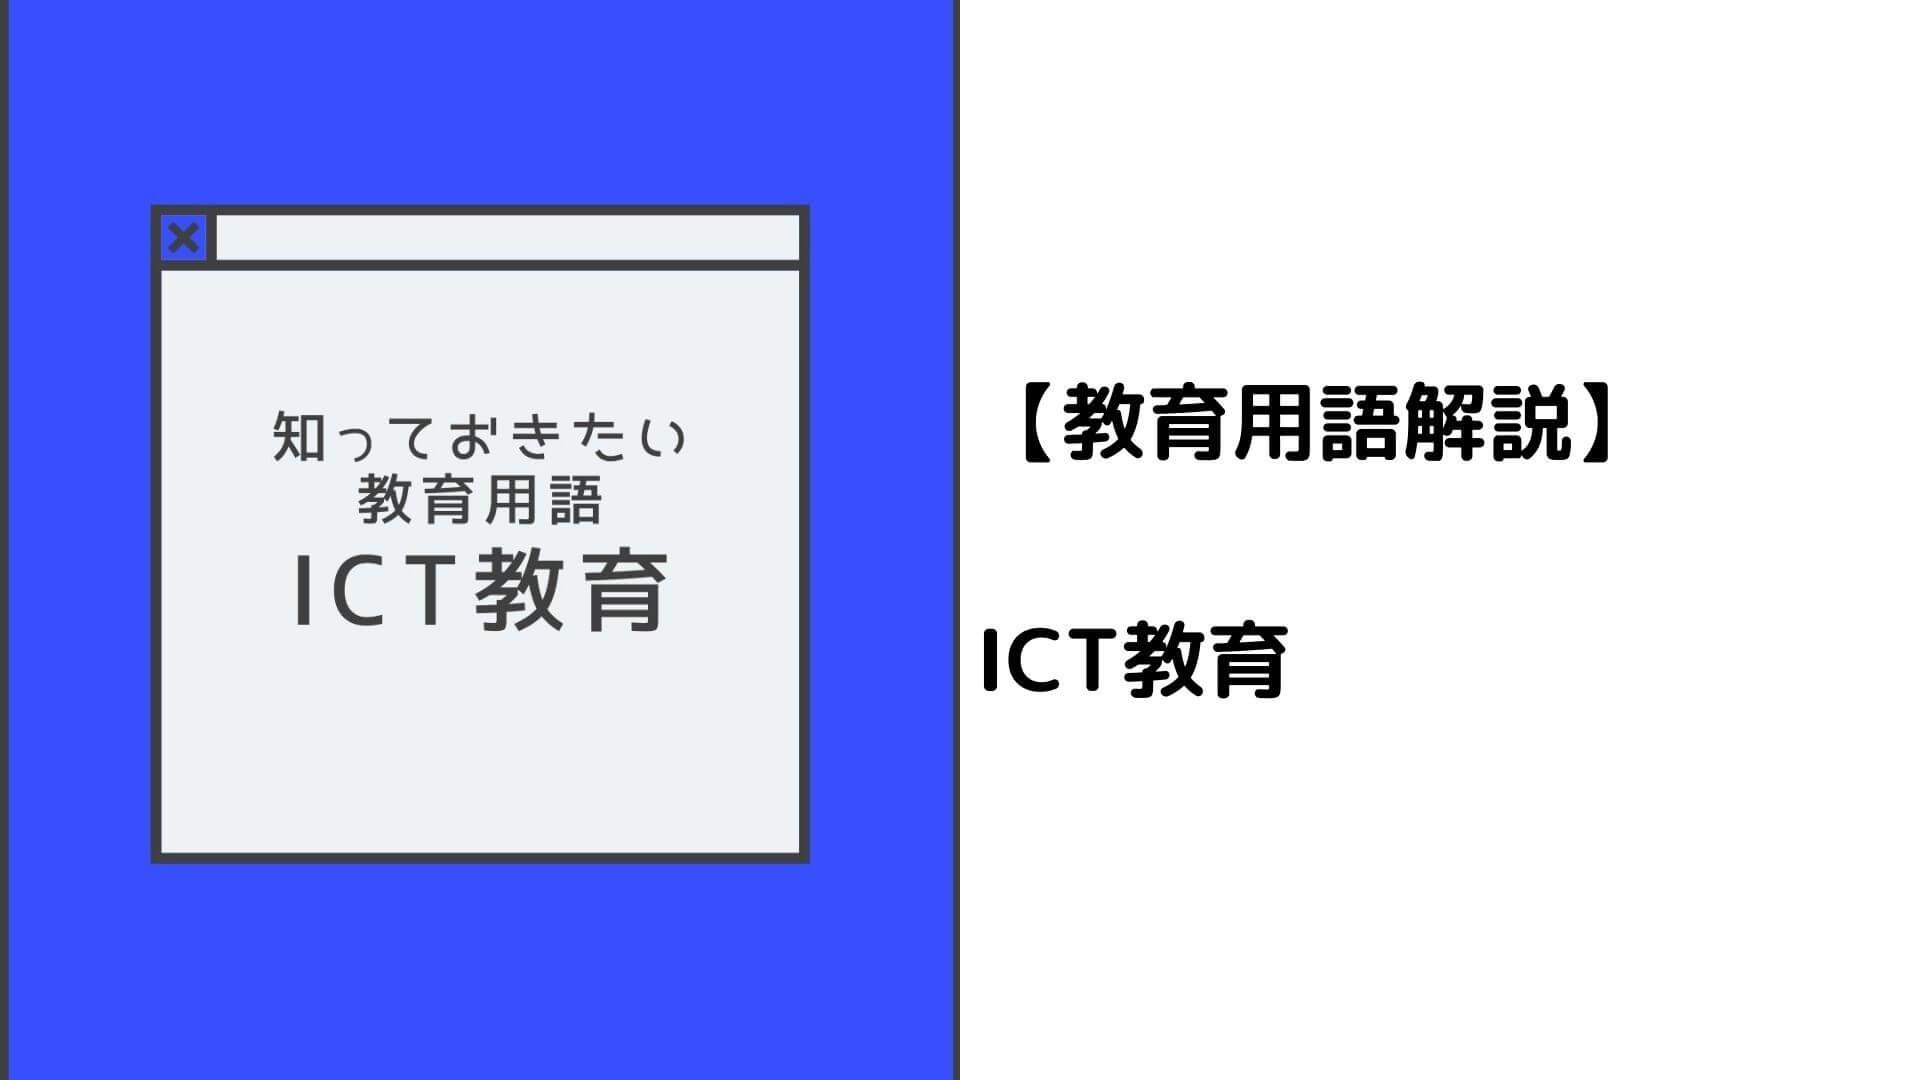 知っておきたい教育用語:ICT教育